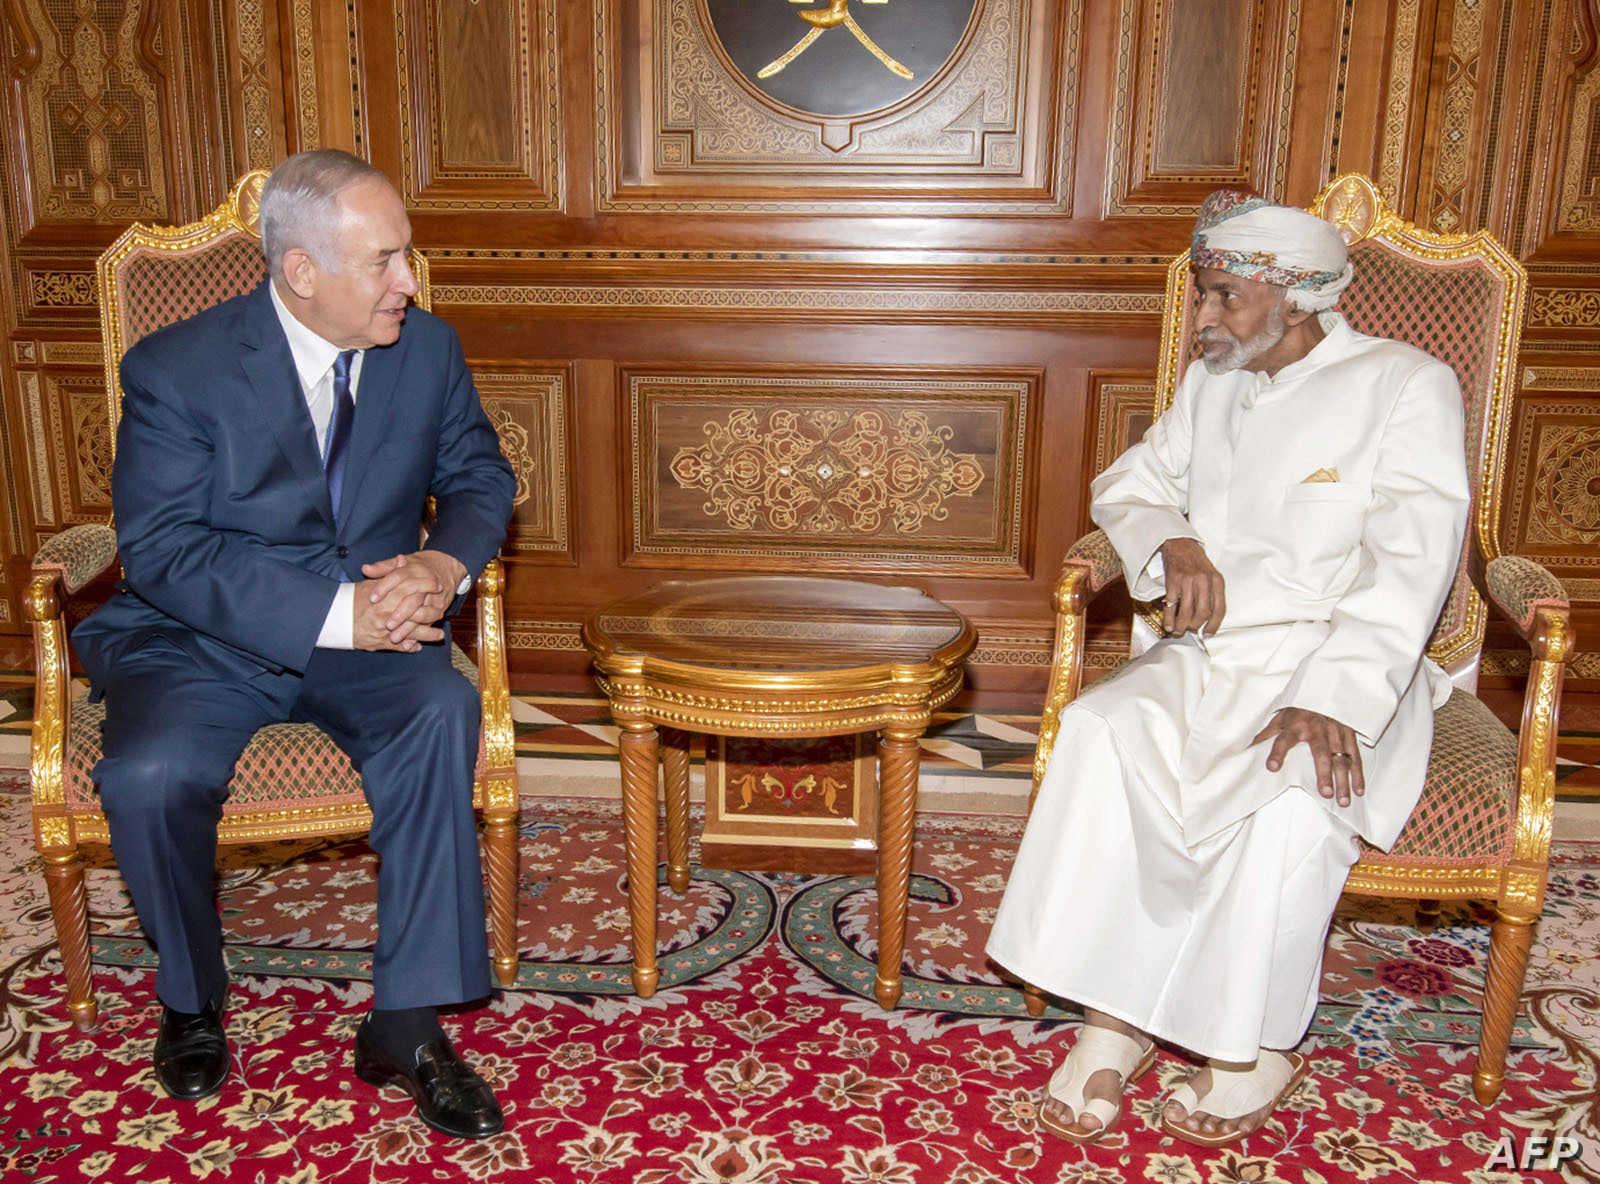 لماذا تدعم عُمان اتفاقات السلام مع إسرائيل؟ | الحرة